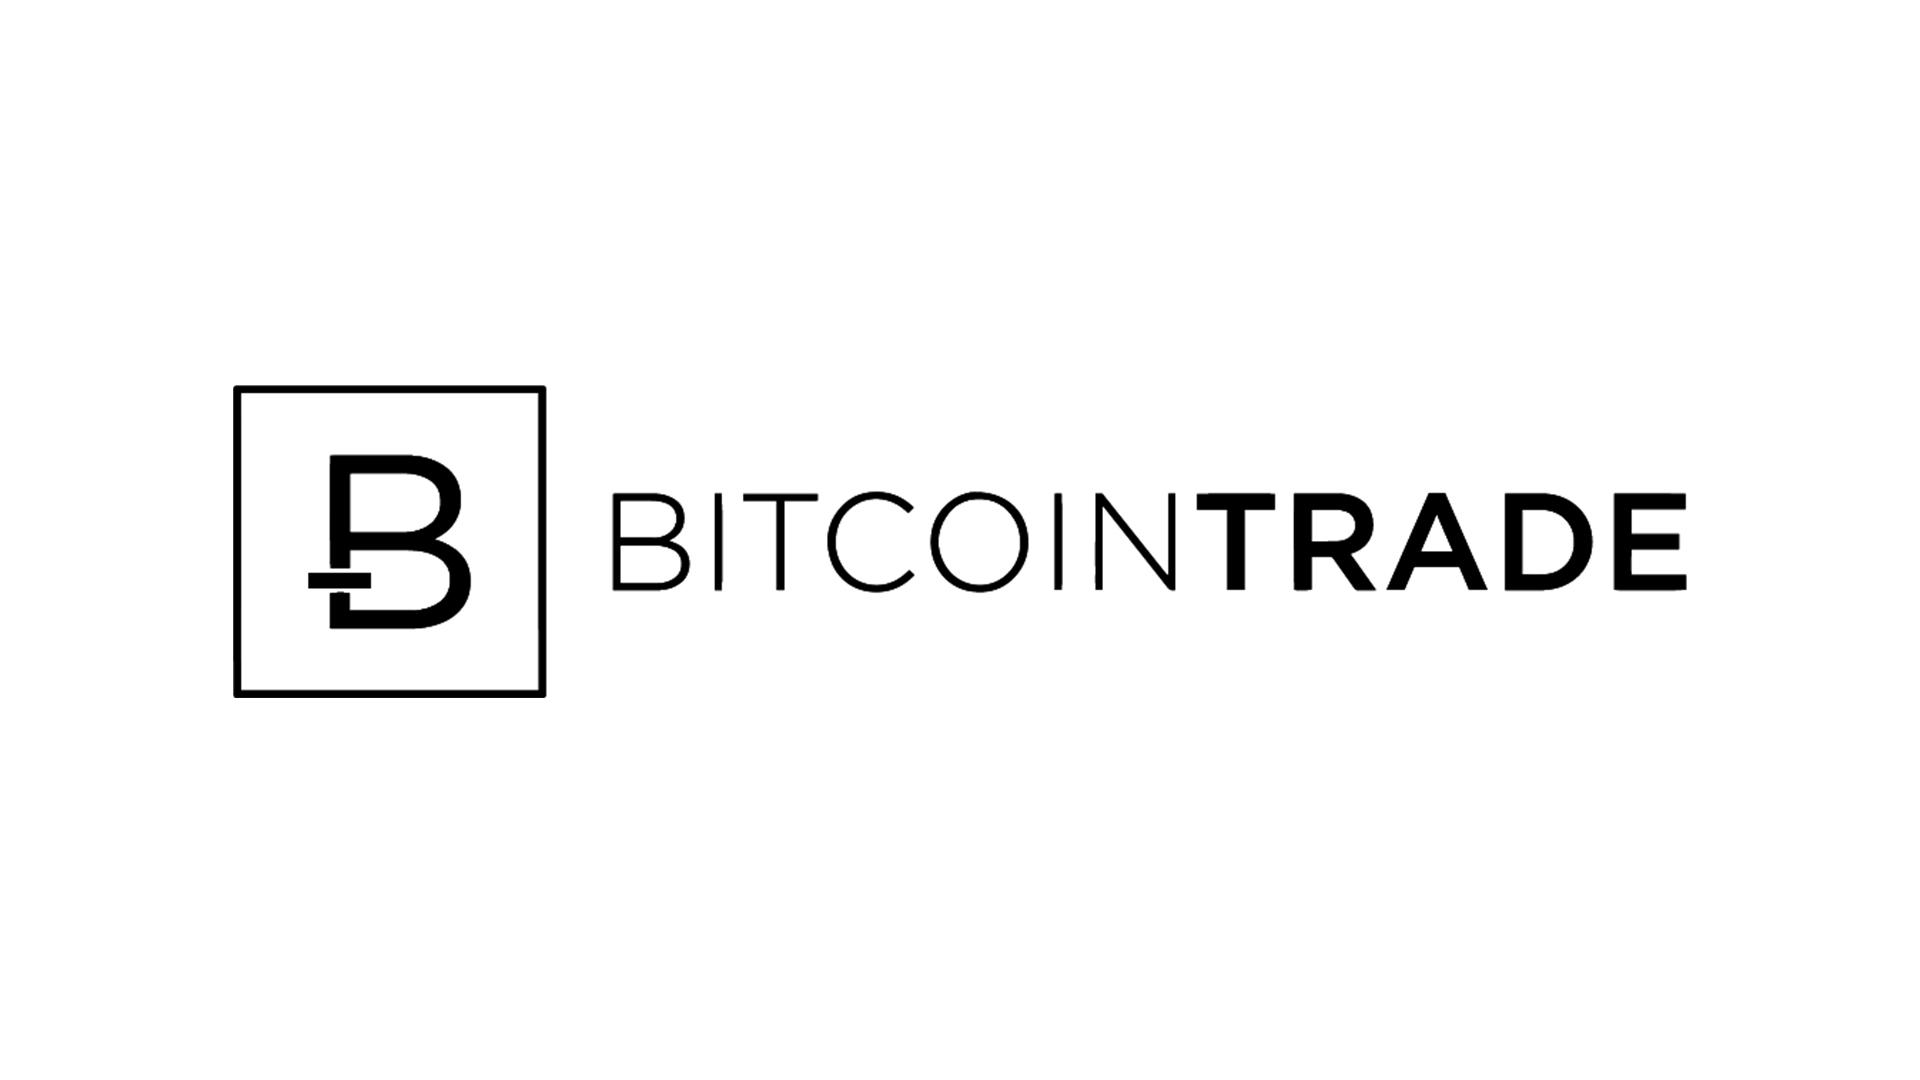 bitcoin etrade